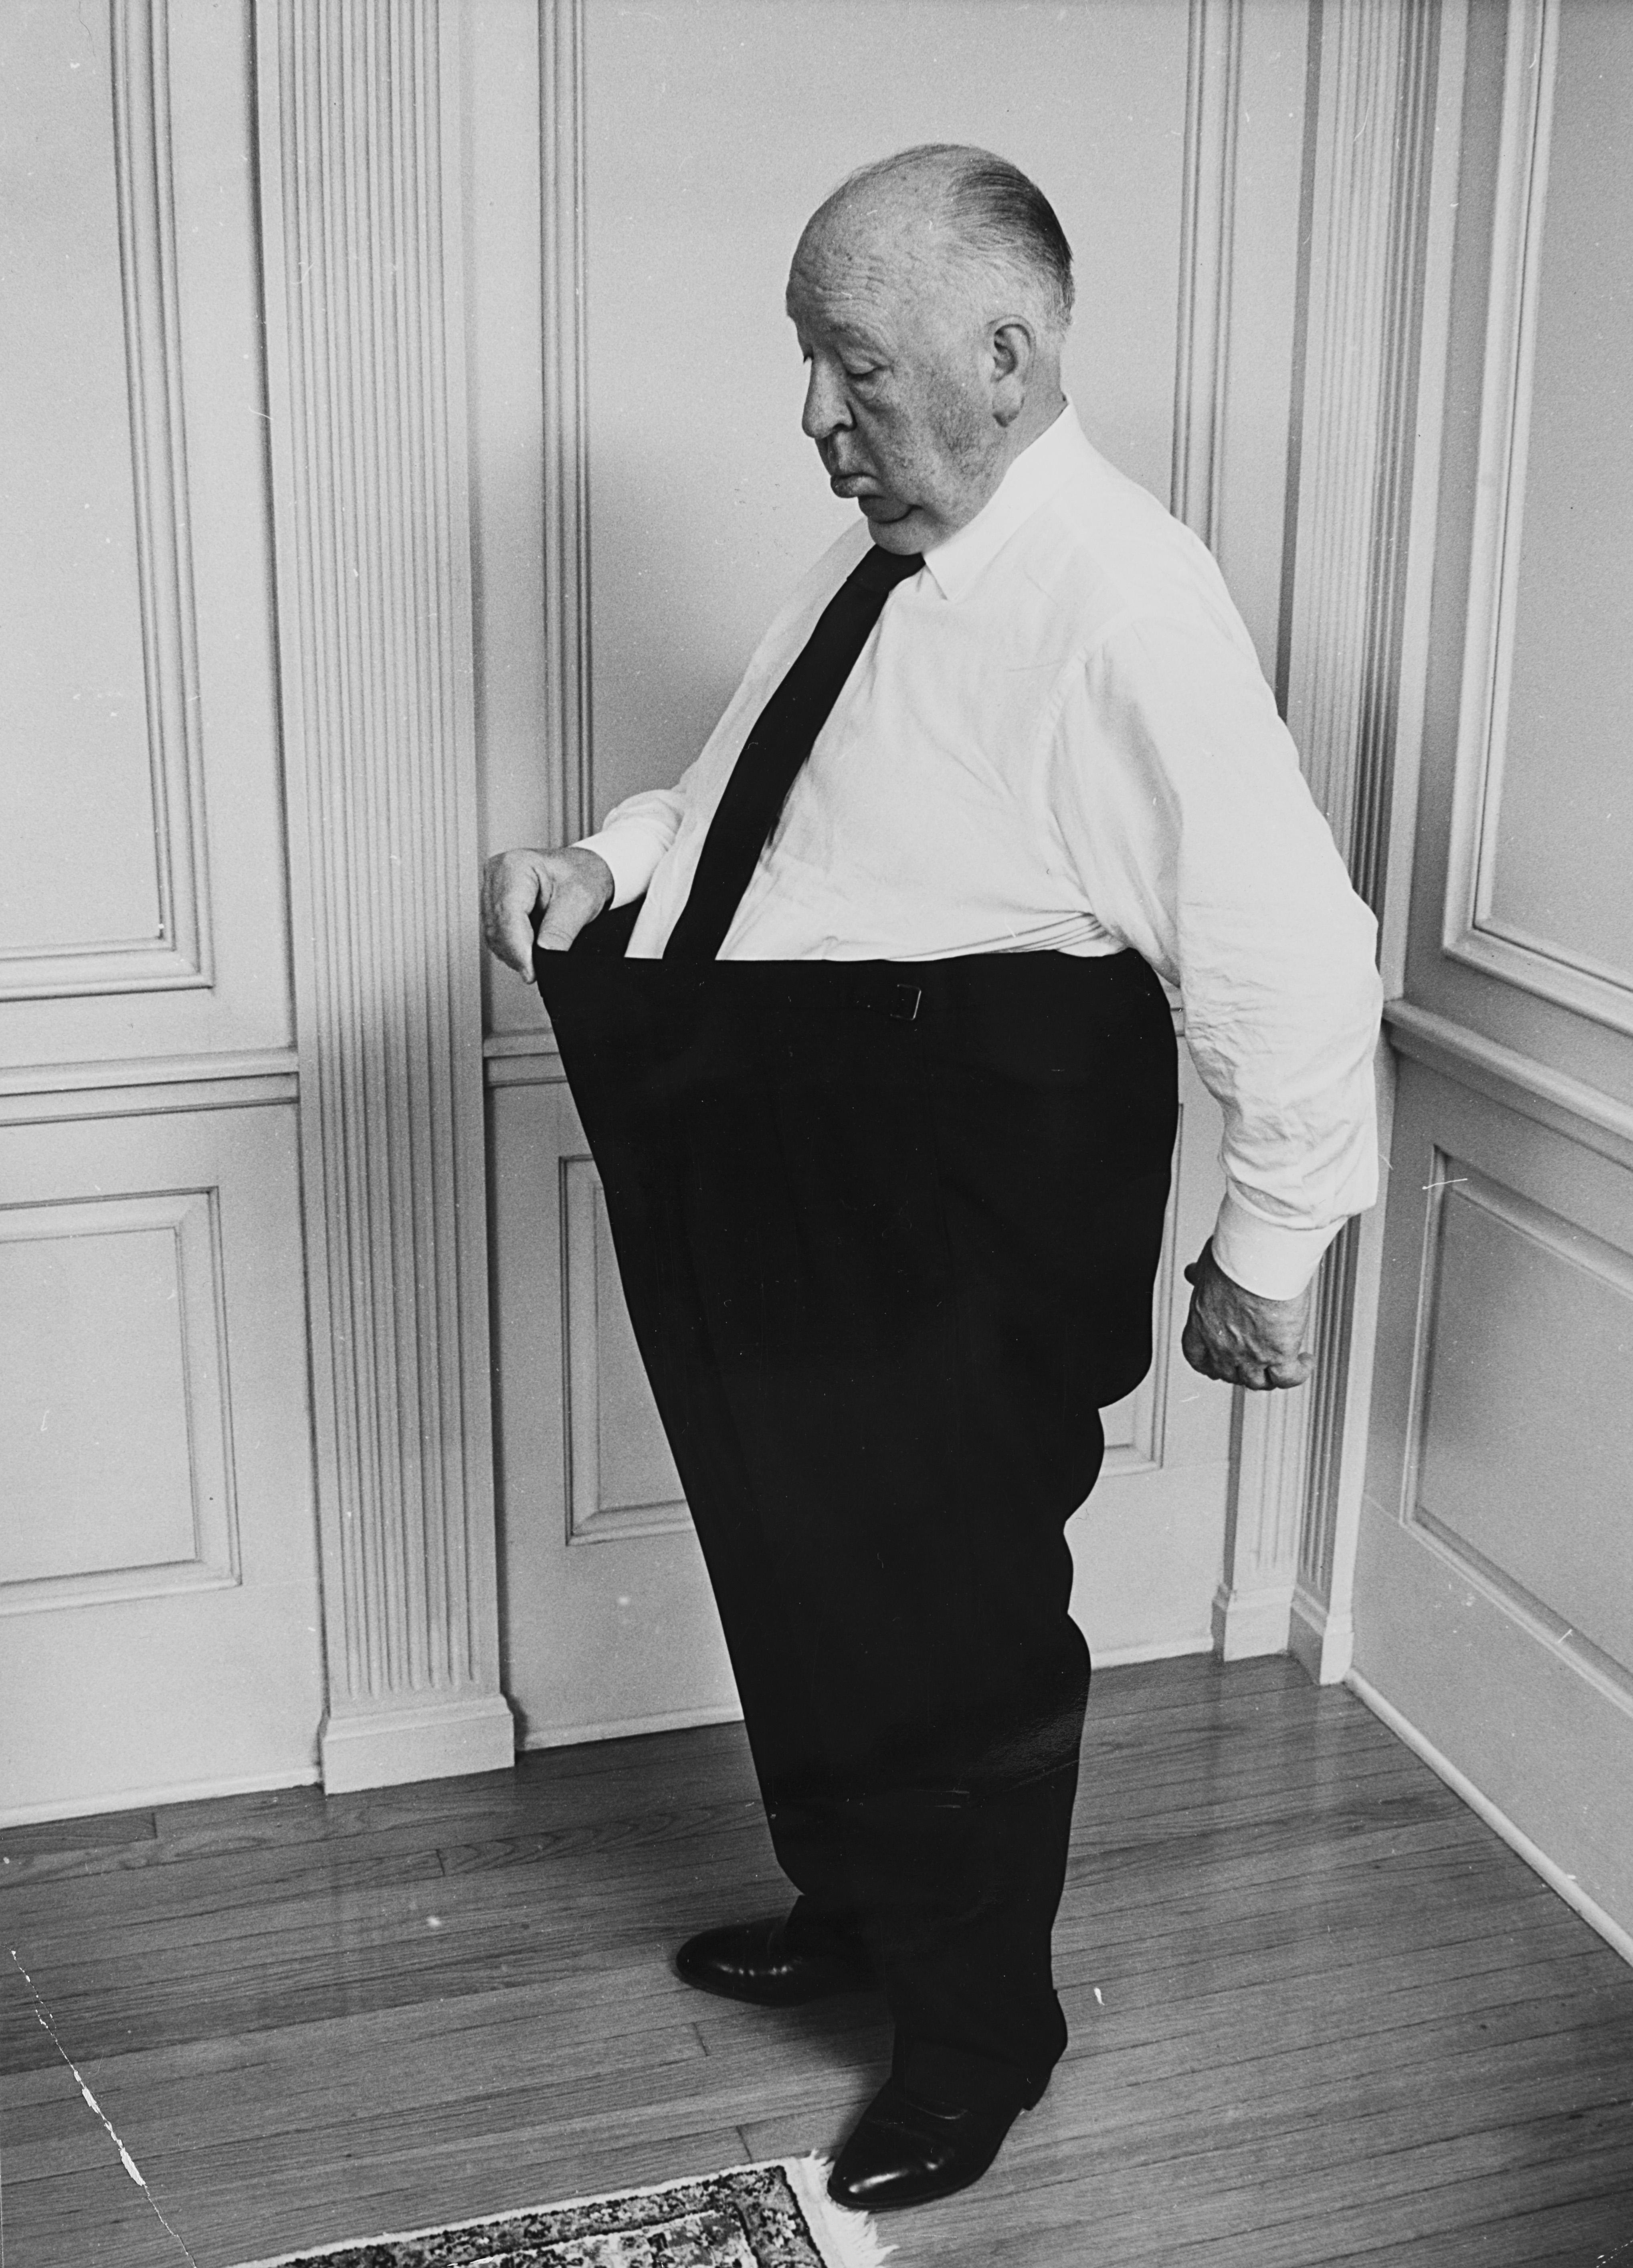 1975. Альфред Хичкок и его силихем-терьер Сара.